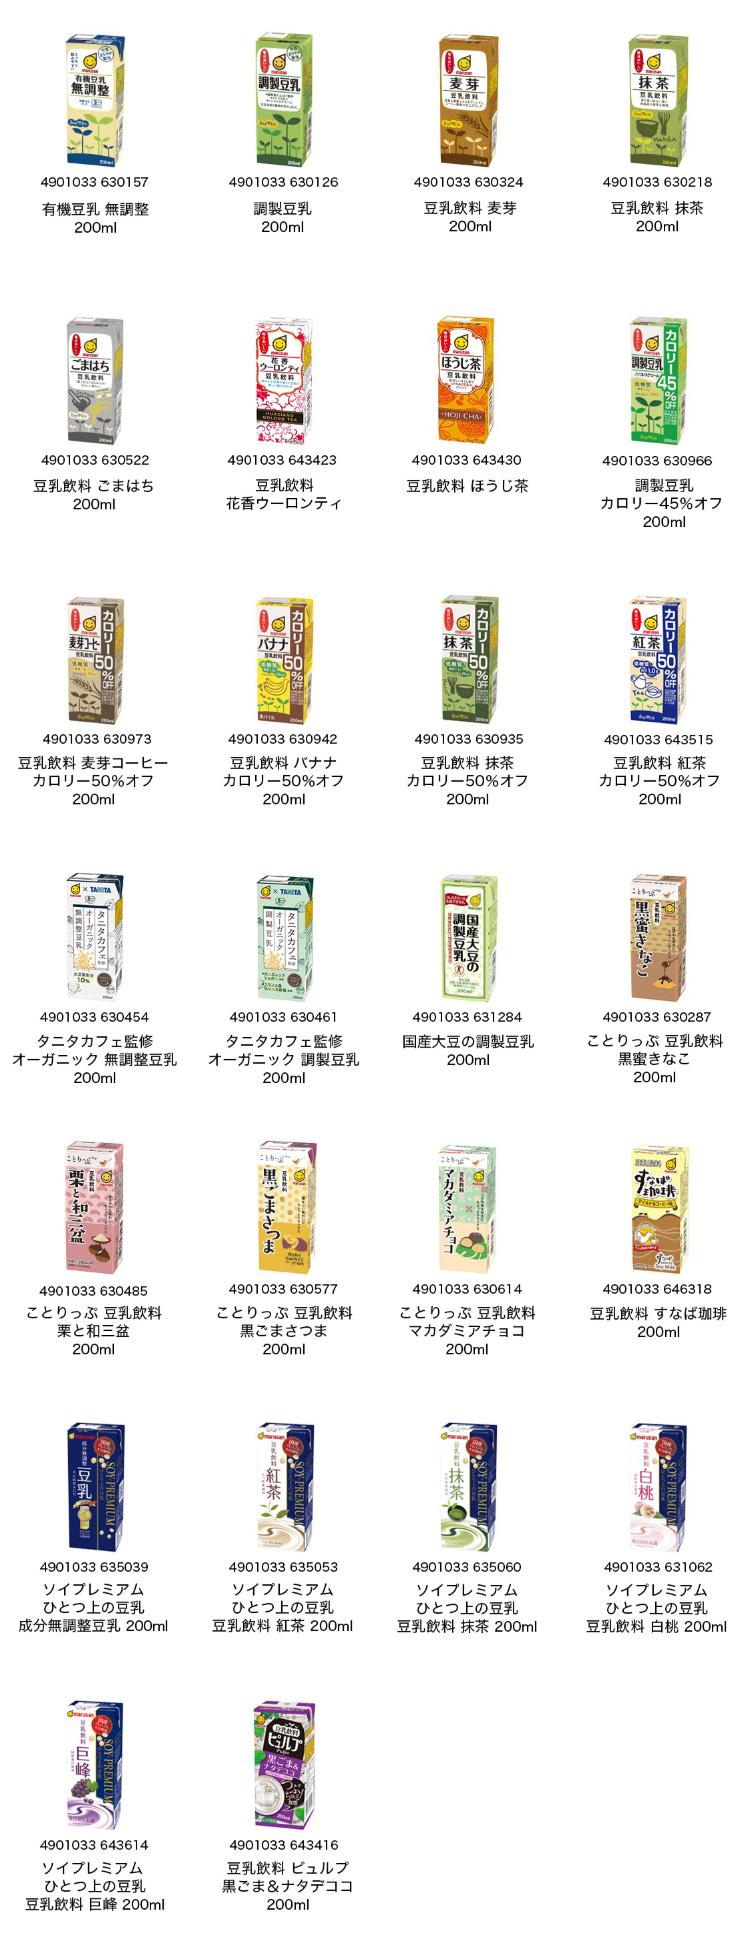 マルサンアイ豆乳 キャンペーンコード